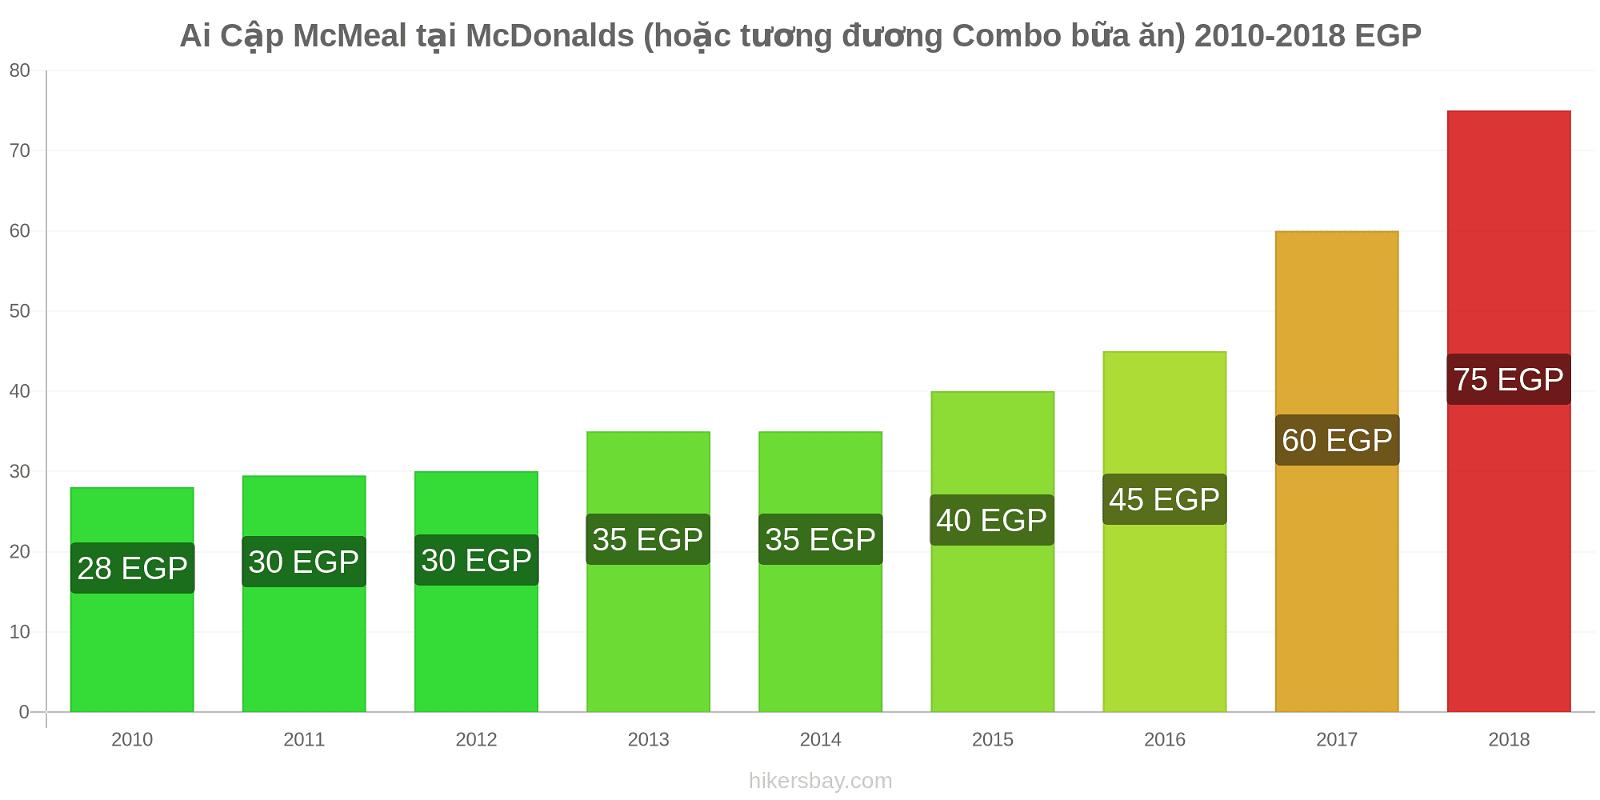 Ai Cập thay đổi giá McMeal tại McDonalds (hoặc tương đương Combo bữa ăn) hikersbay.com